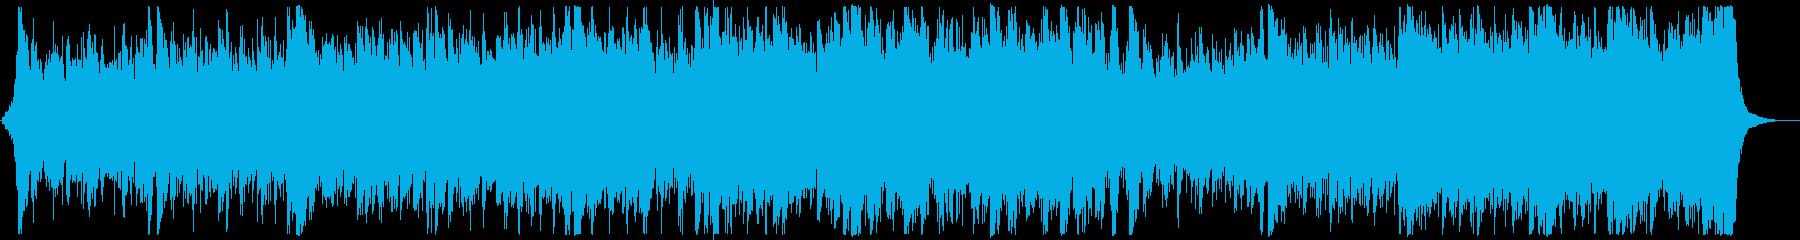 和風・和楽器・忍者エピック:フル1回の再生済みの波形